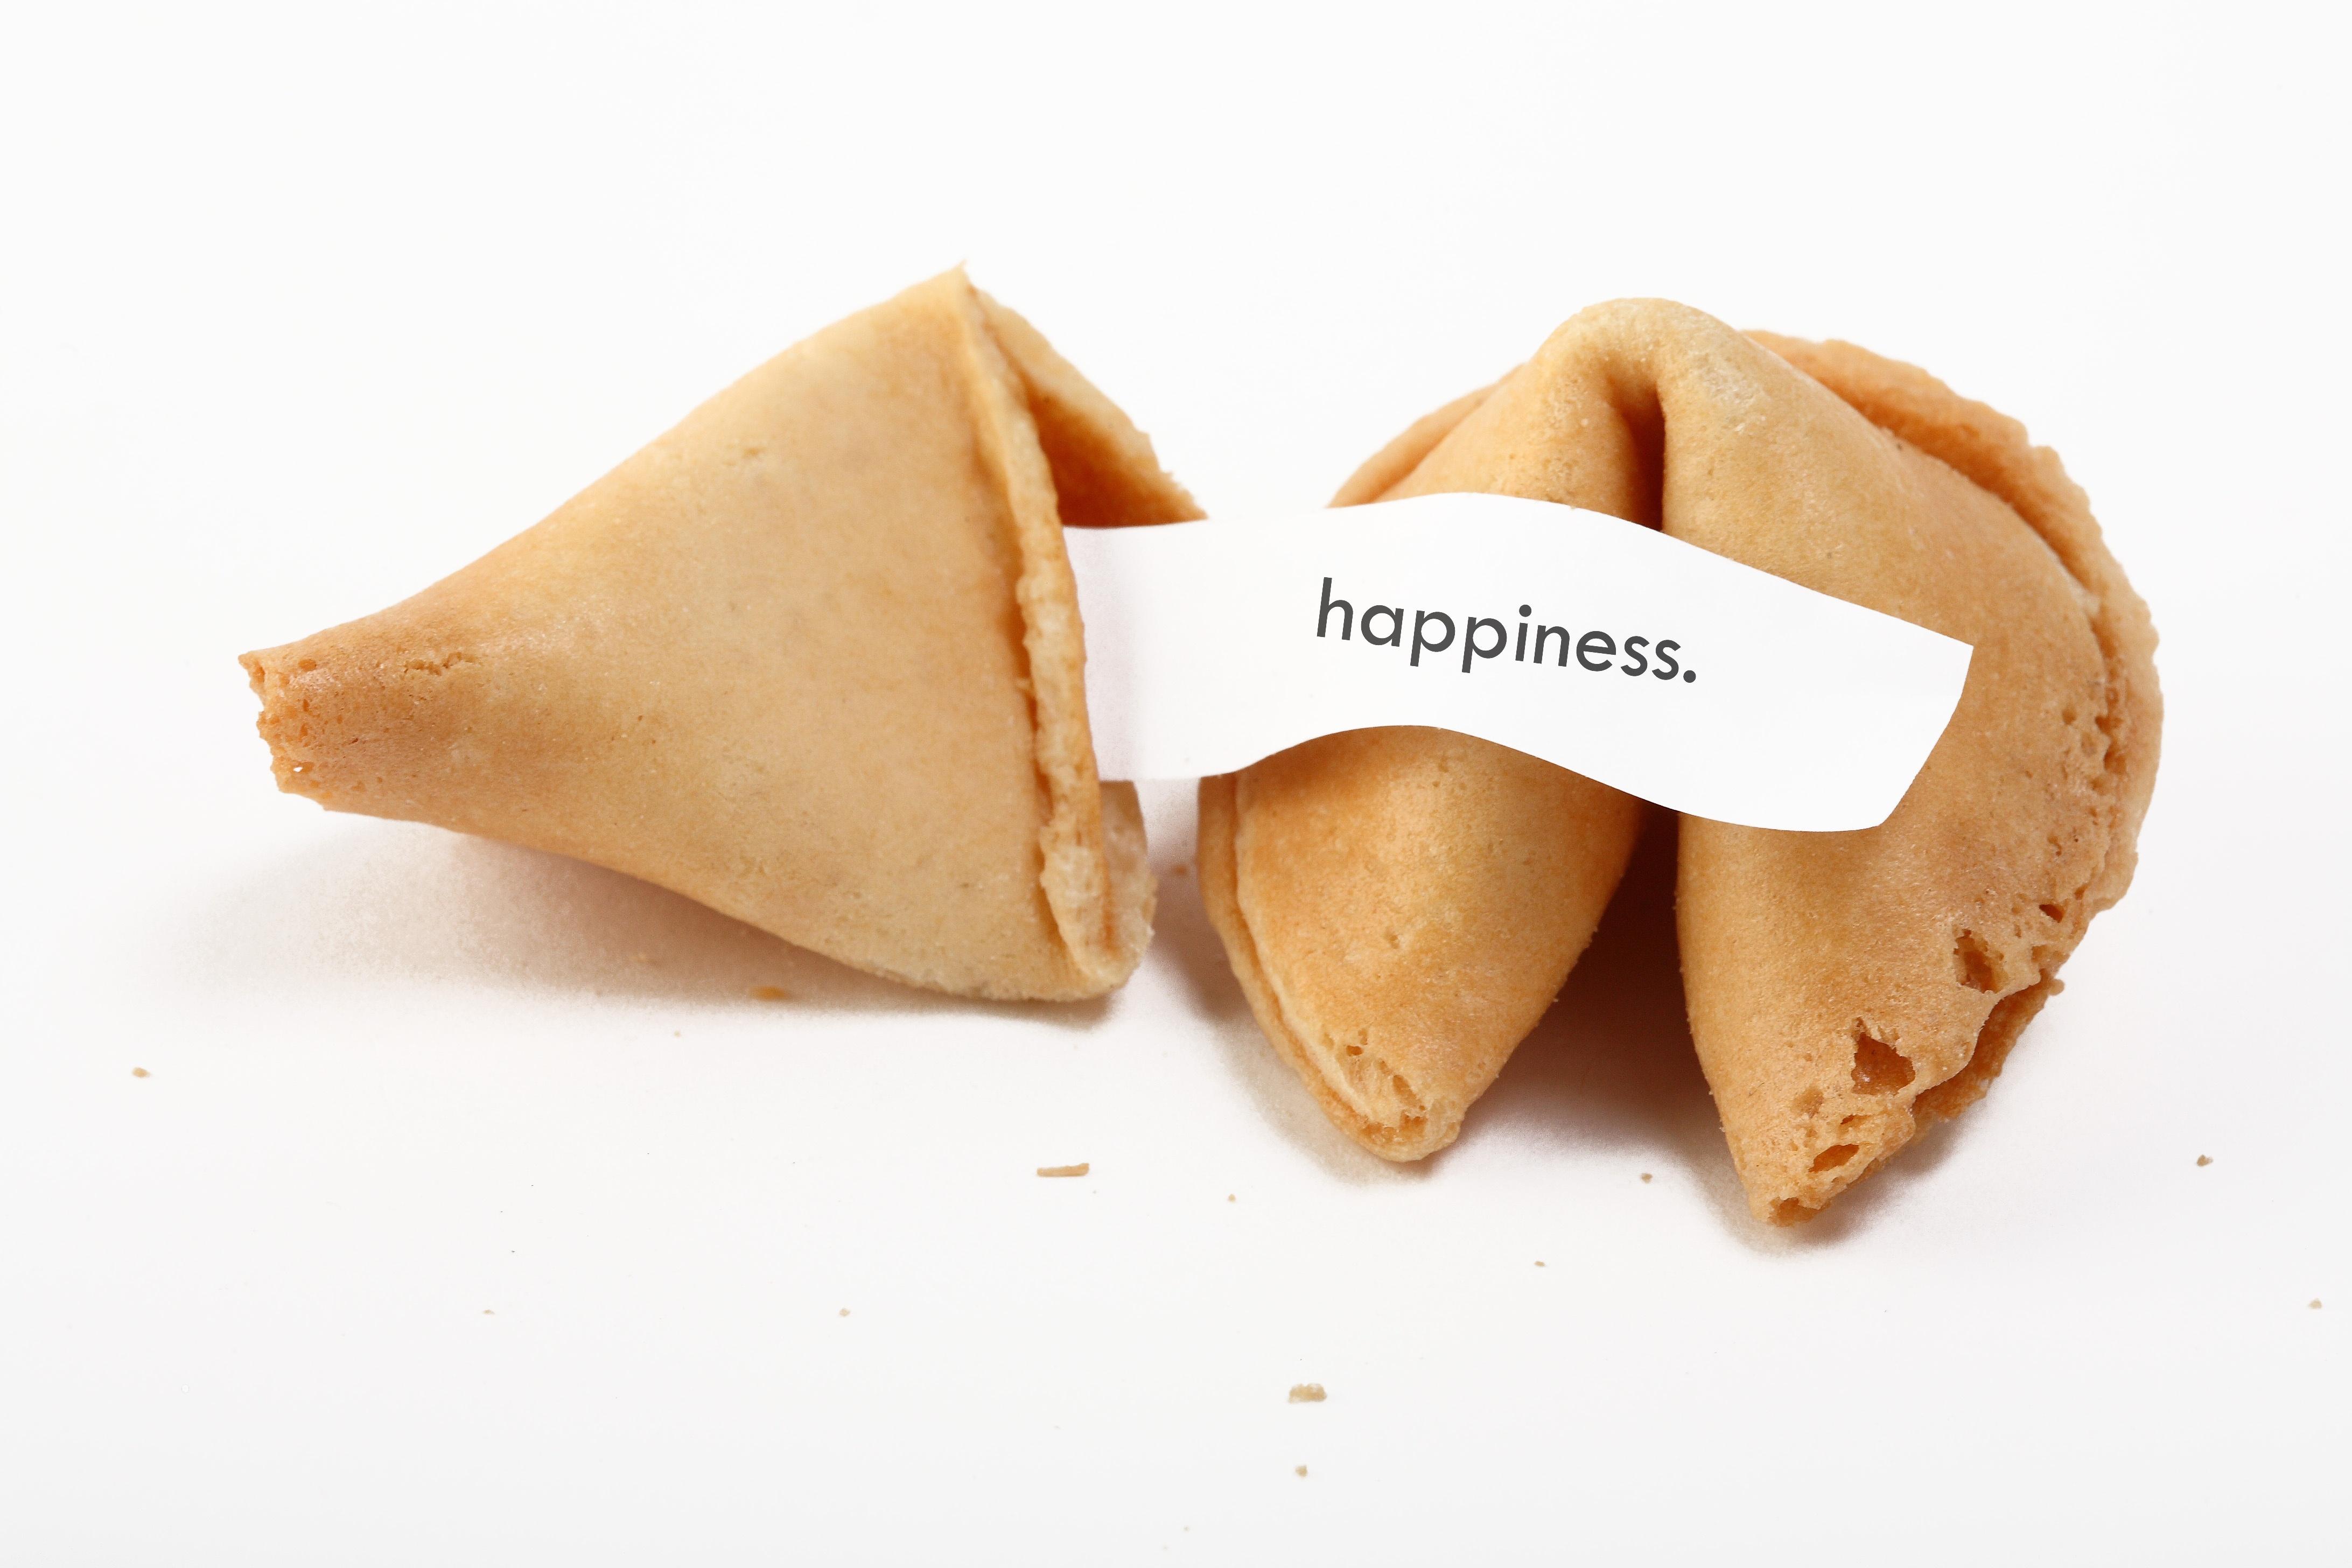 Печенье с предсказаниями картинки онлайн, покупкой